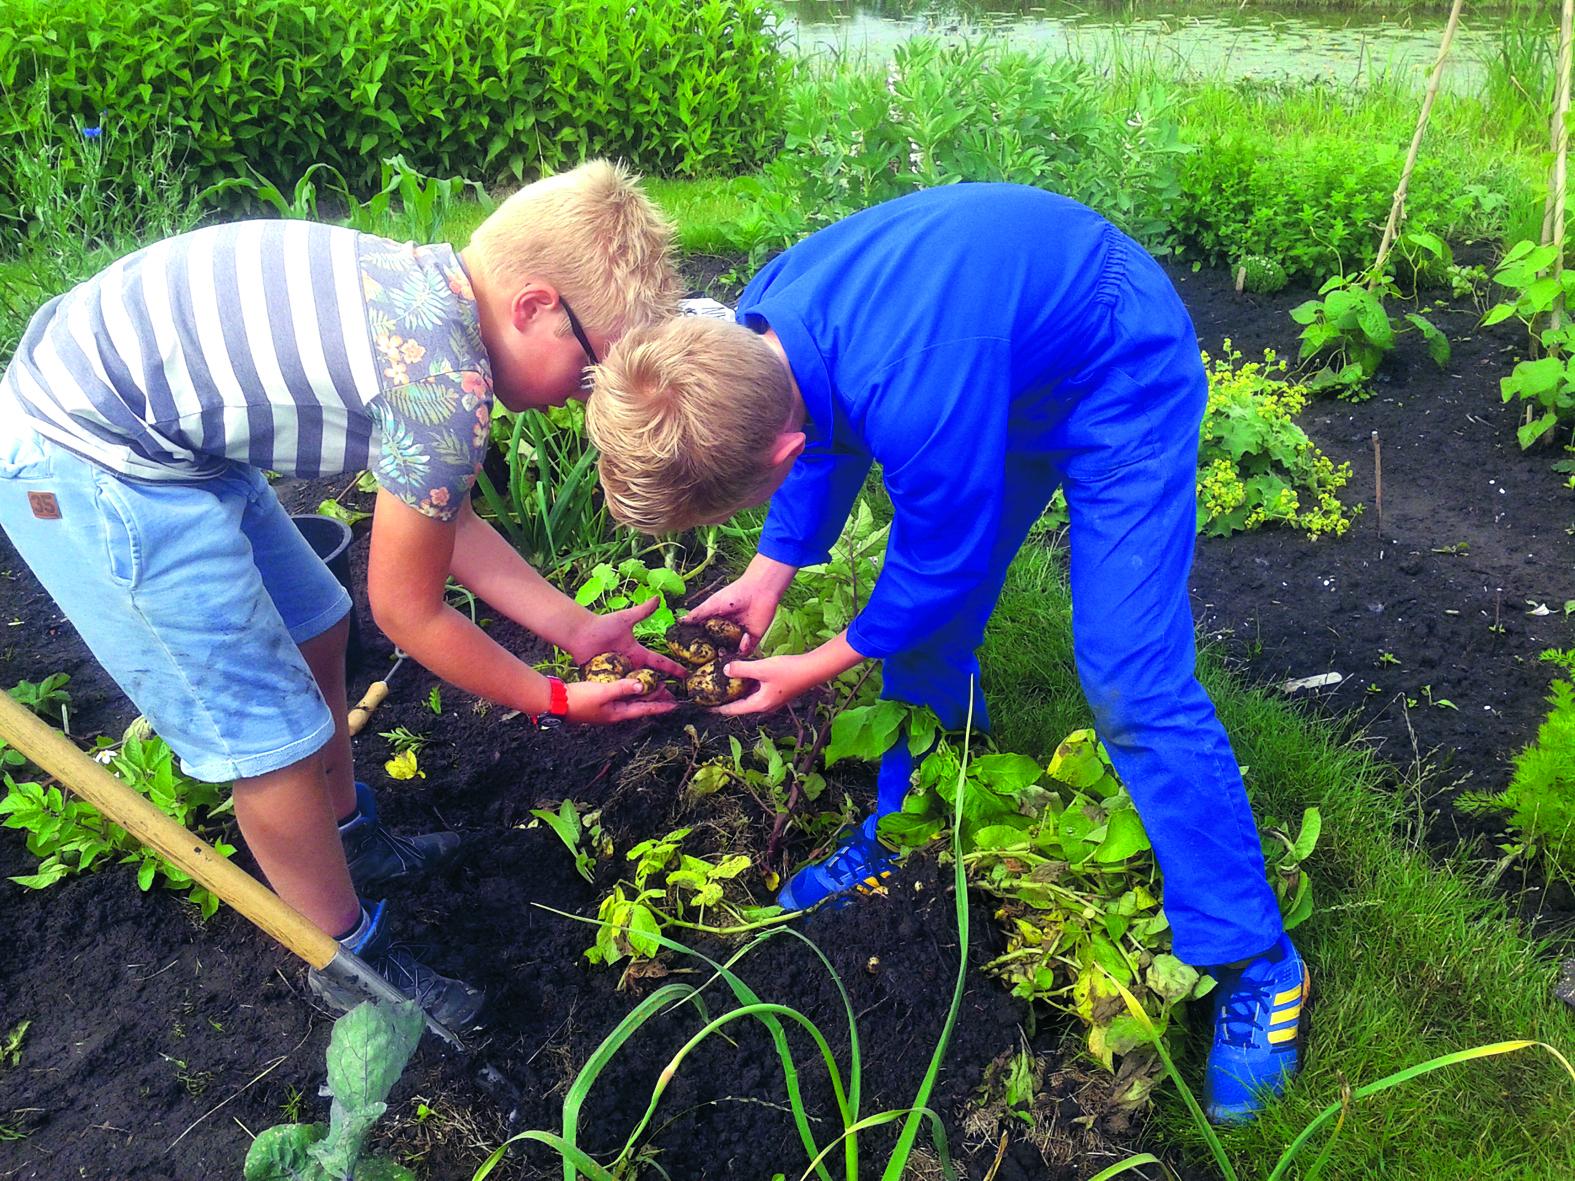 Kinderen vinden het leuk om in de grond te wroeten en te zien hoe een gewas groeit. (Foto: archief Rodi Media)